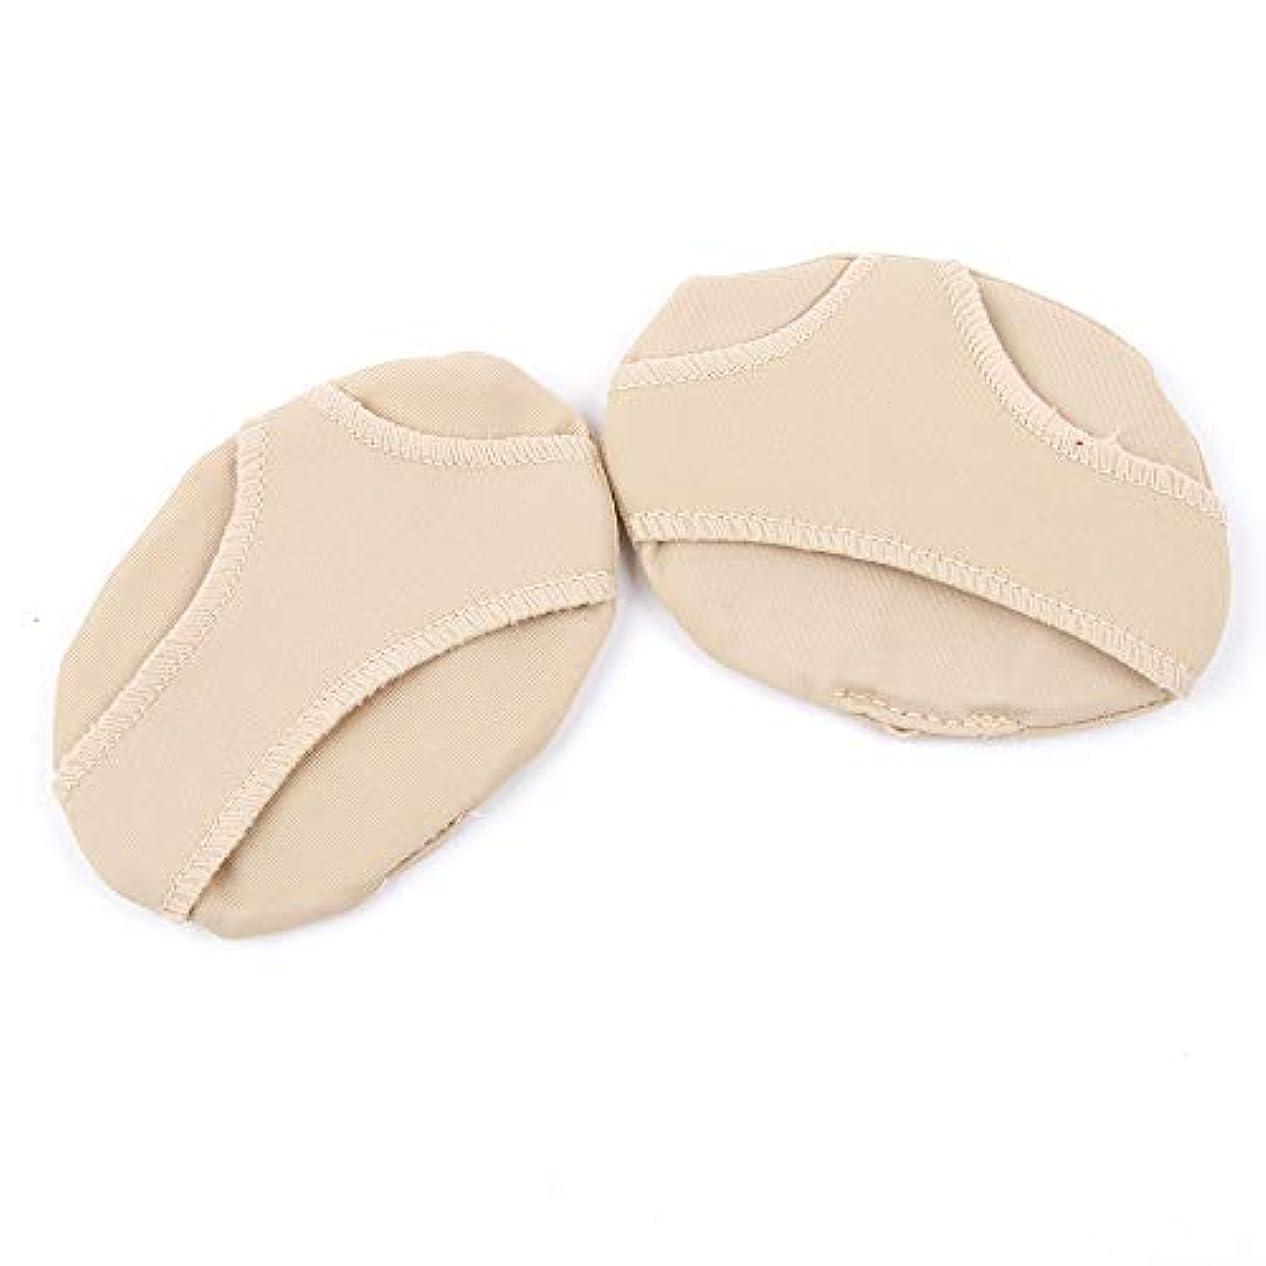 信頼性のある妥協鳴らすRAYNAG 足裏サポート 前足パッド ふんわりパッド 足裏保護 フットケア 足の疲れ 痛み緩和 滑り止め 柔軟性 健康グッズ Mサイズ 肌色 足底用(4個入り)